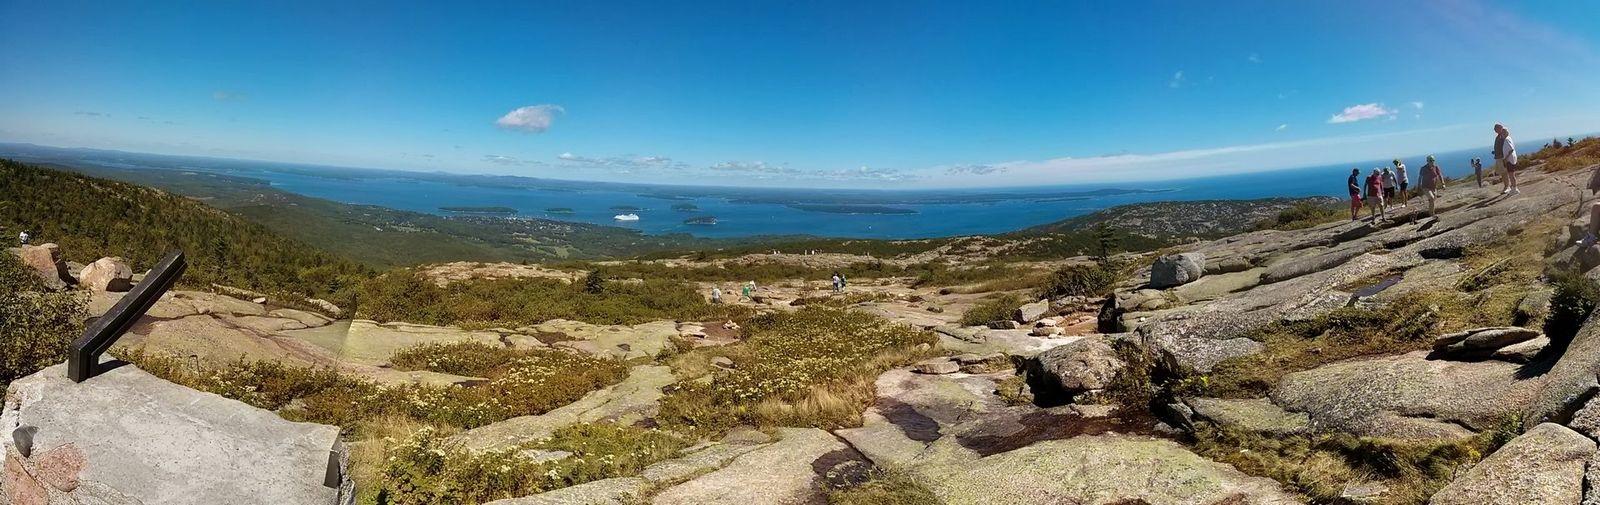 Monte pelado, muchos islotes e incluso un crucero